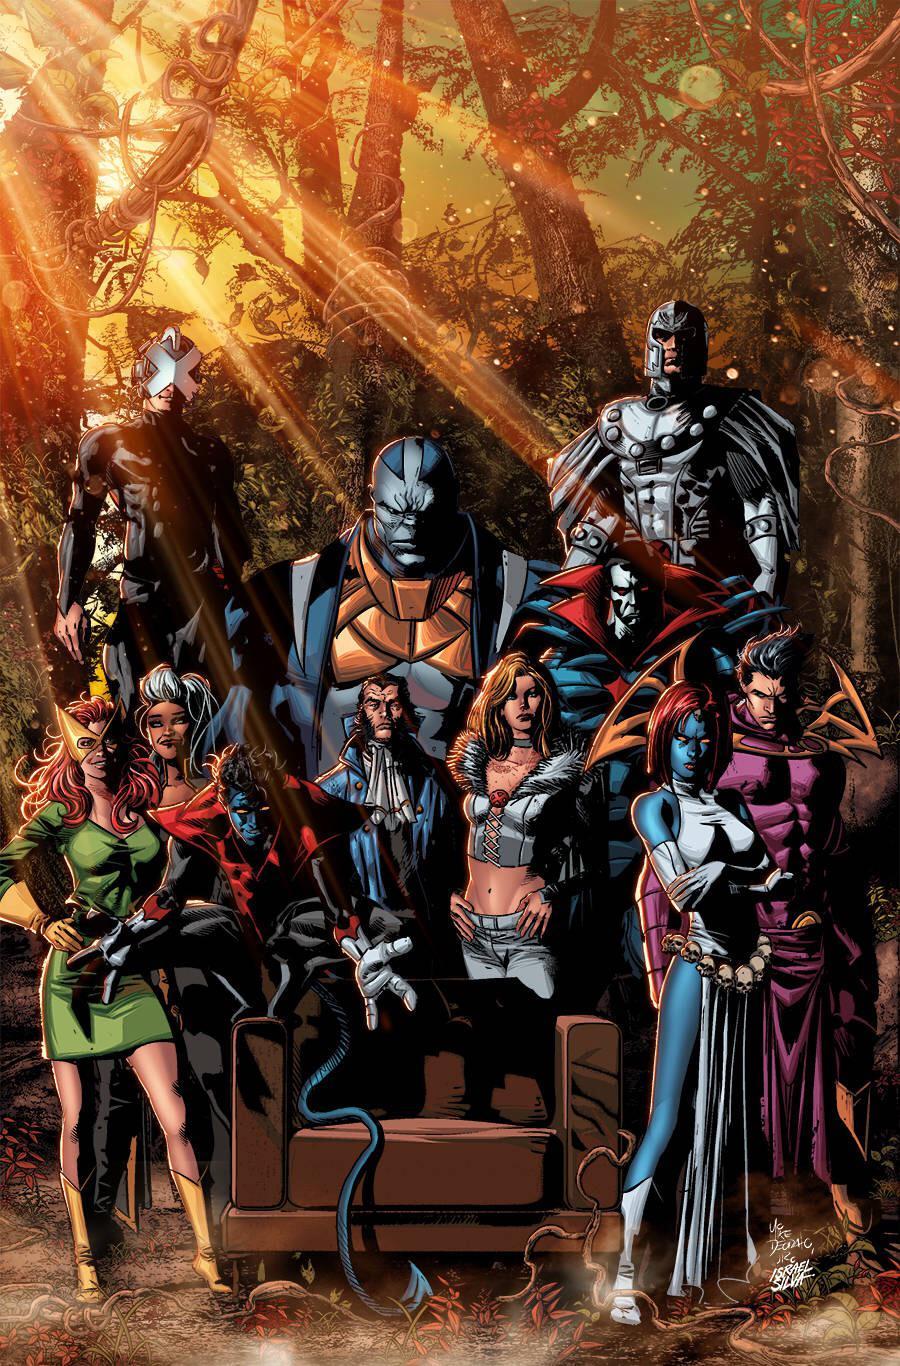 Os Doze - Mike Deodato Jr - X-Men - O Conselho de Krakoa de Powers of X #5 - Blog Farofeiros